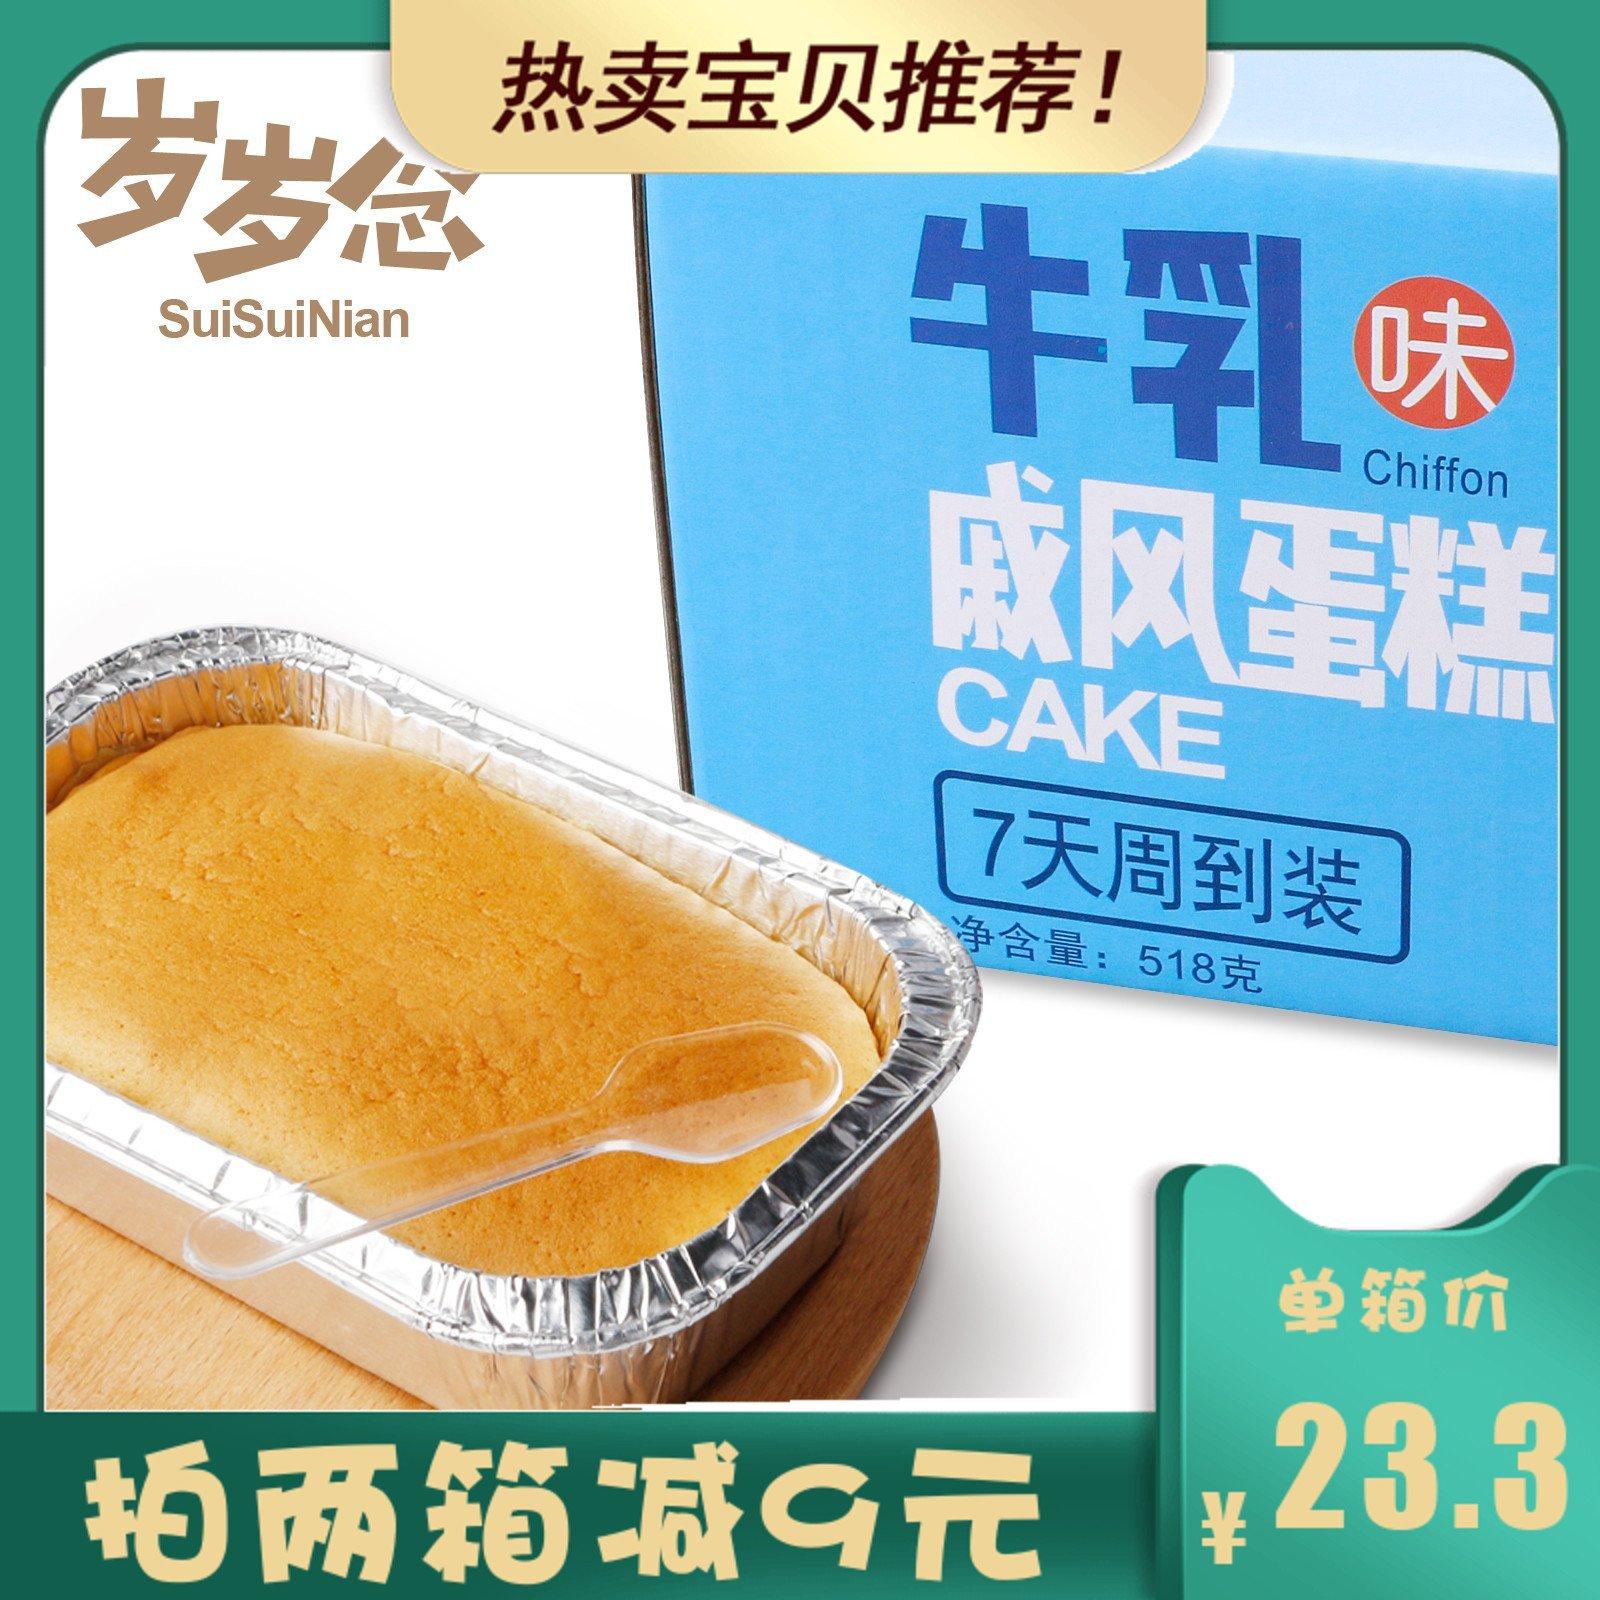 【爆款】牛乳味蛋糕早餐面包整箱